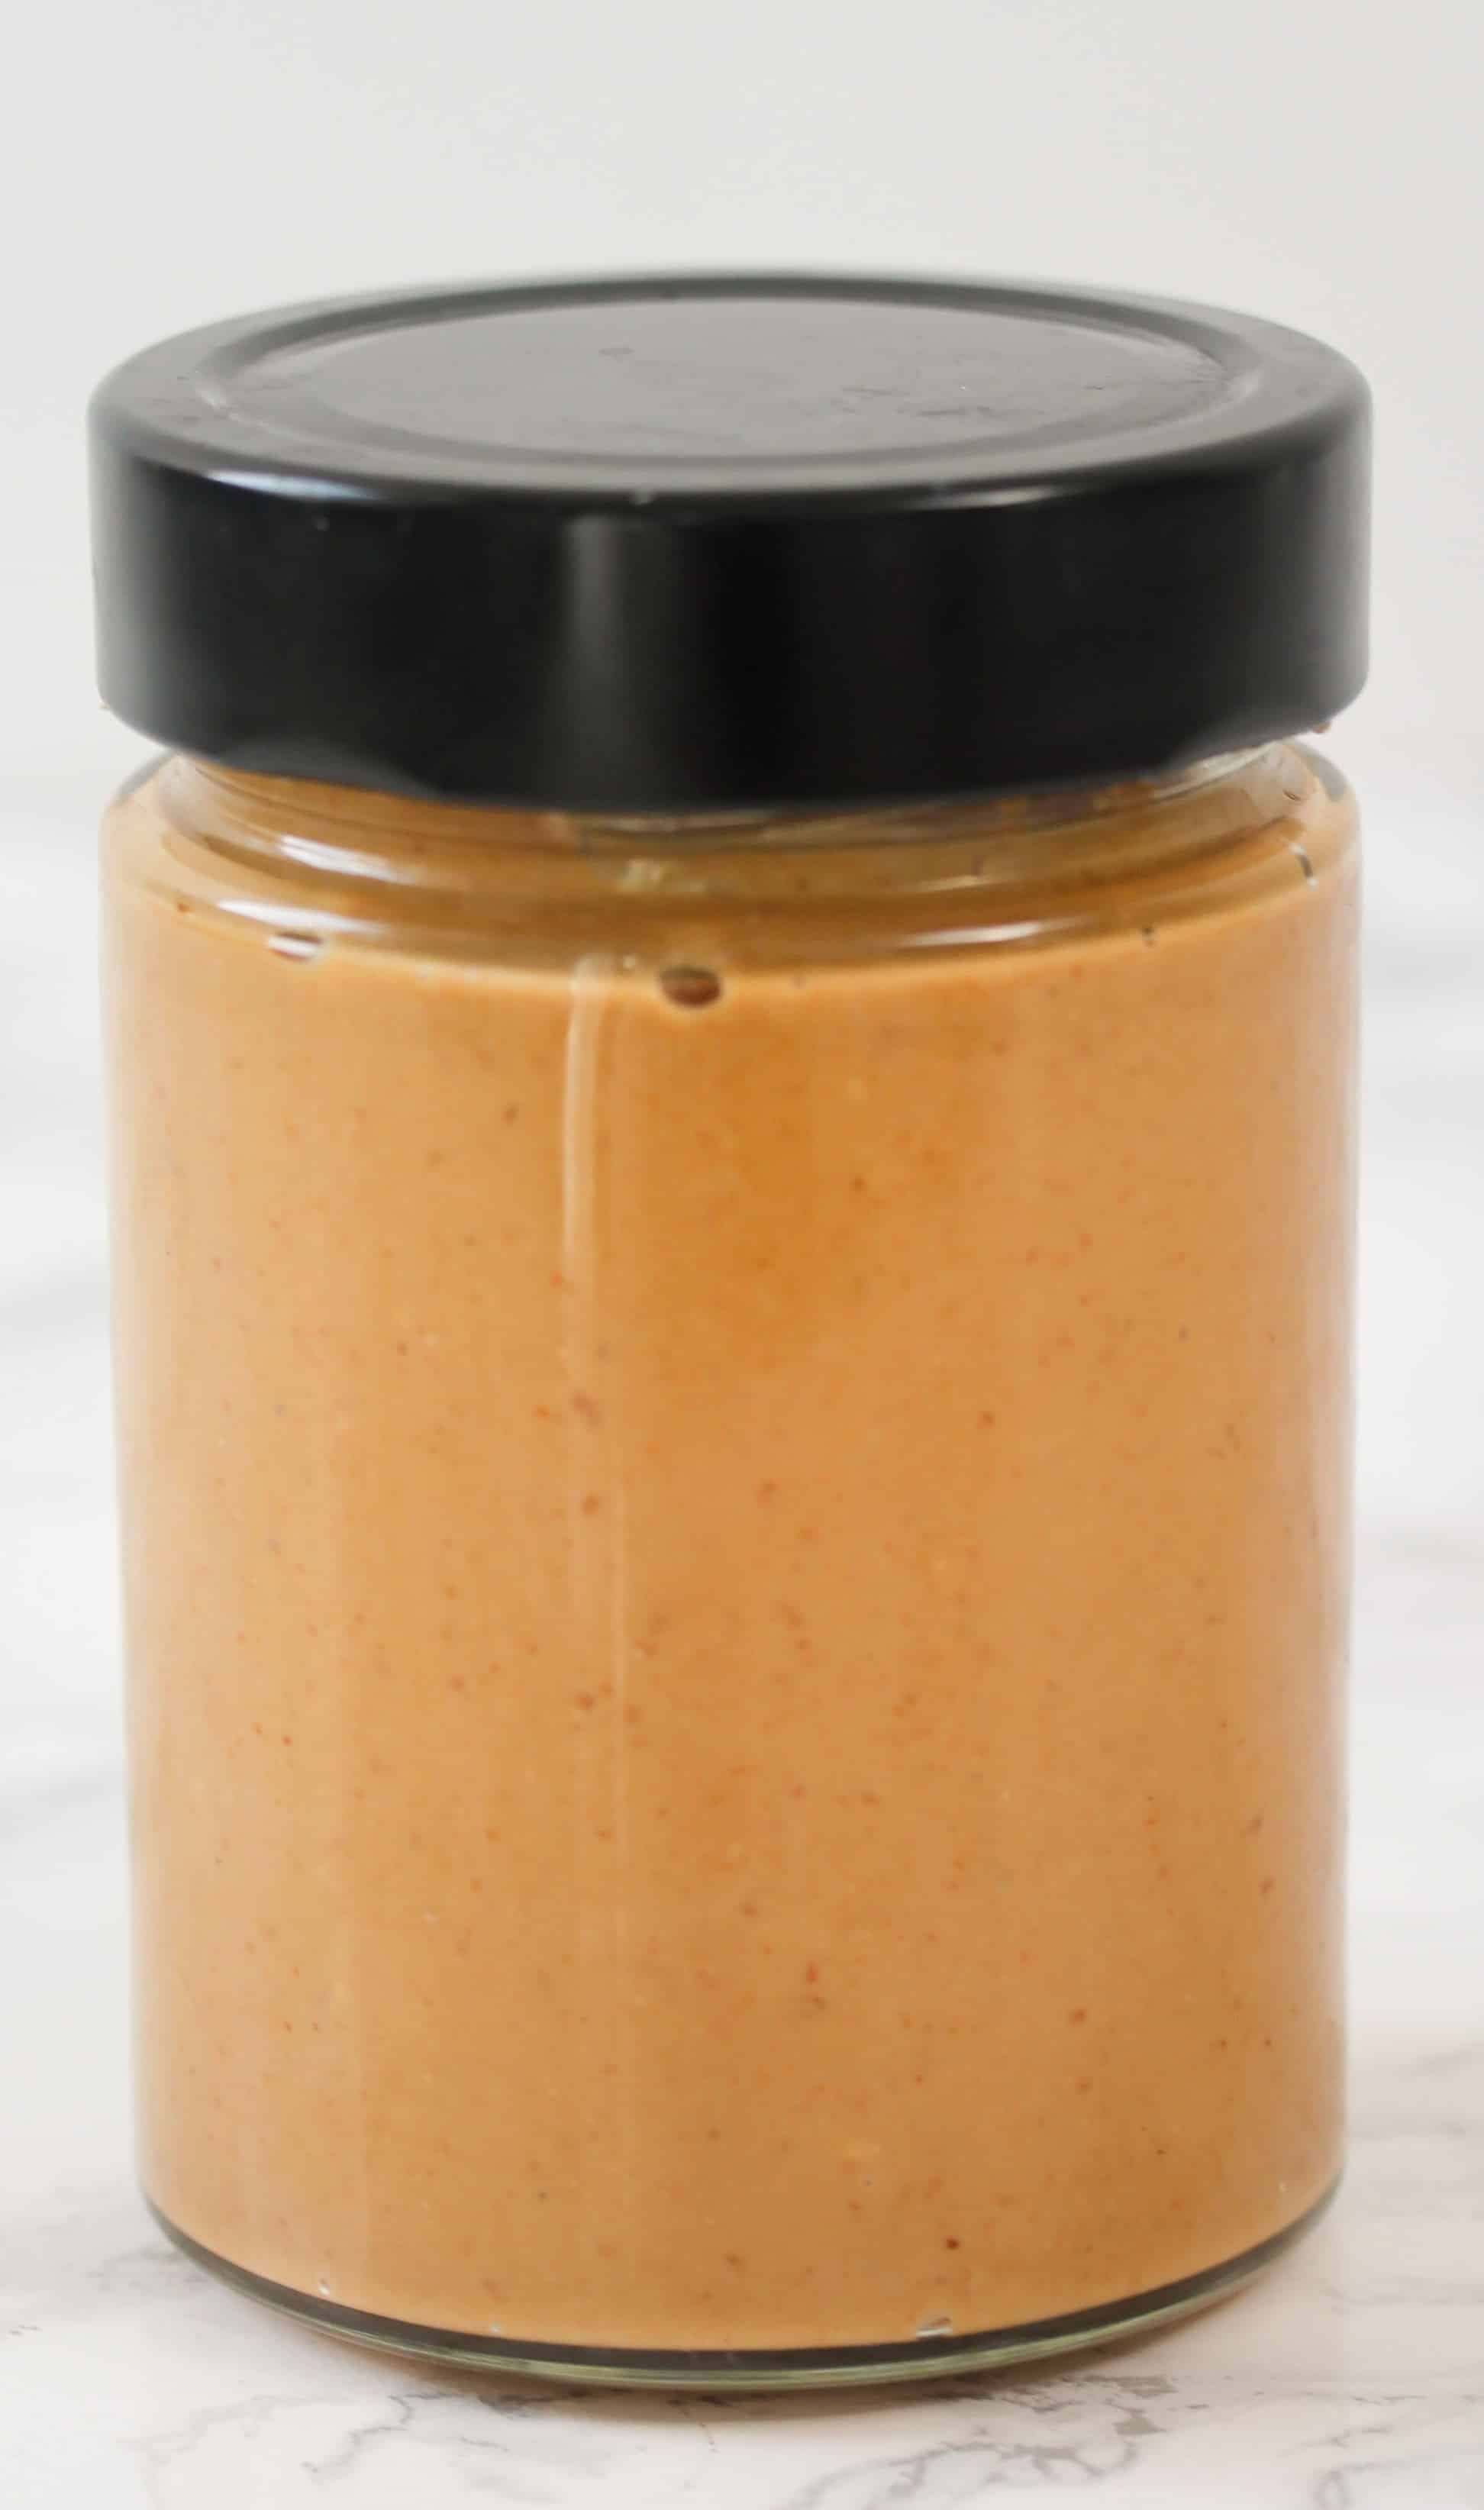 cashew butter in a jar